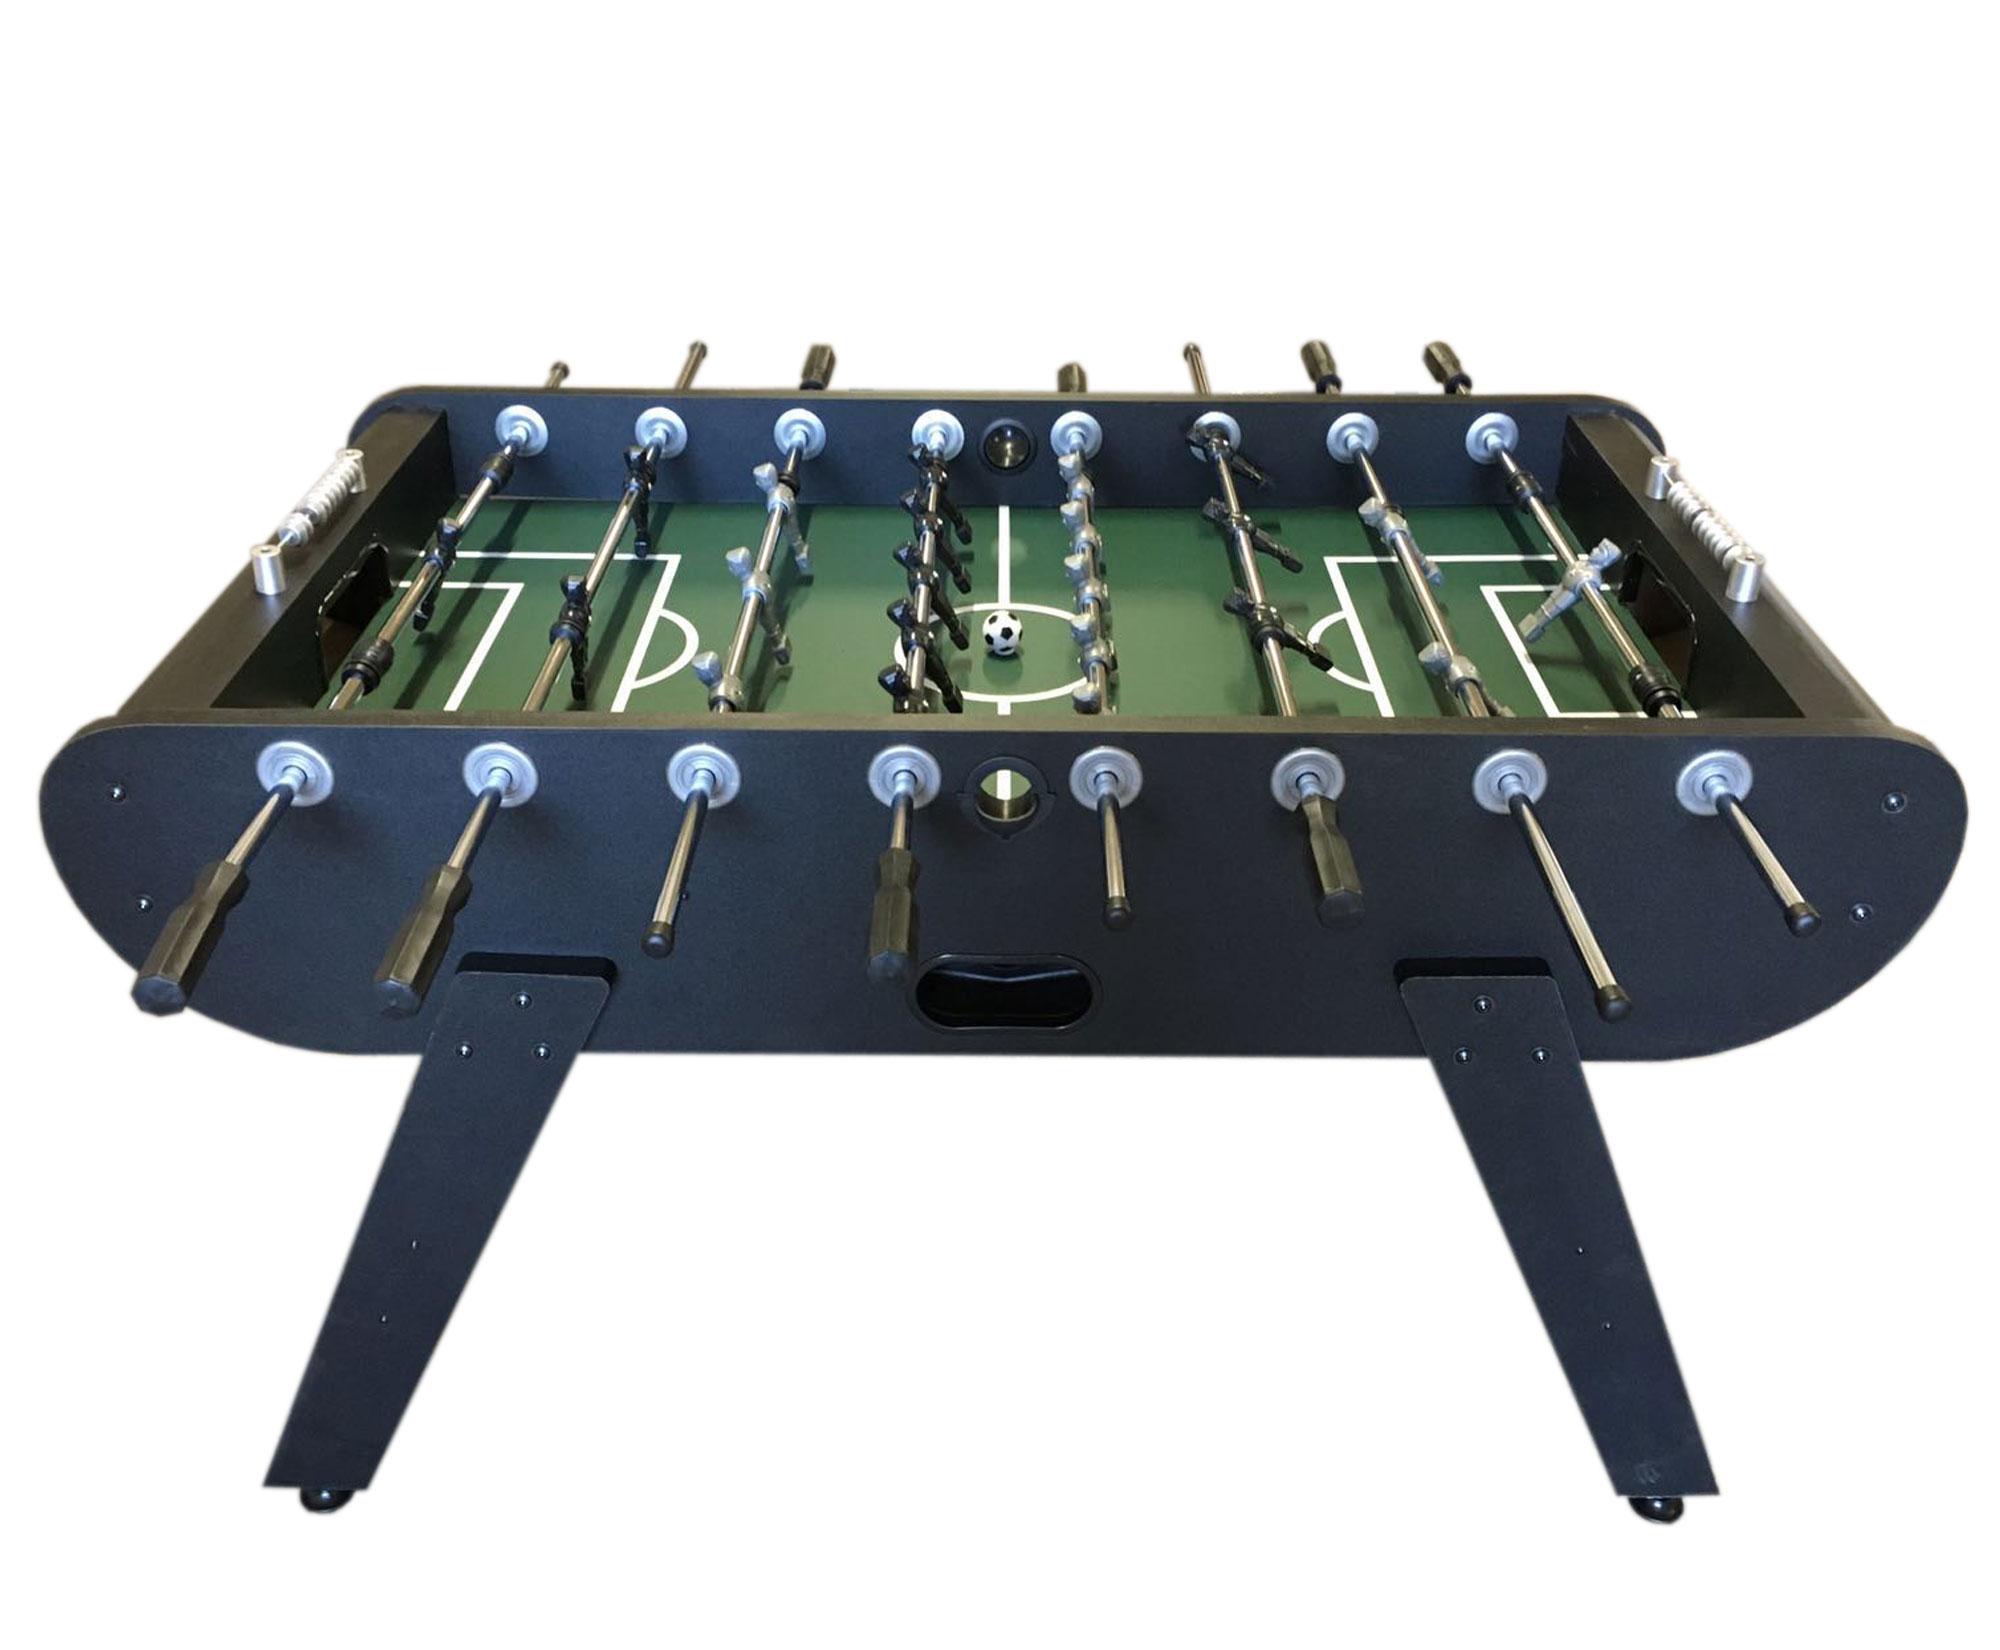 Calcio balilla calcetto biliardino robusto soccer table for Prezzo calcetto balilla